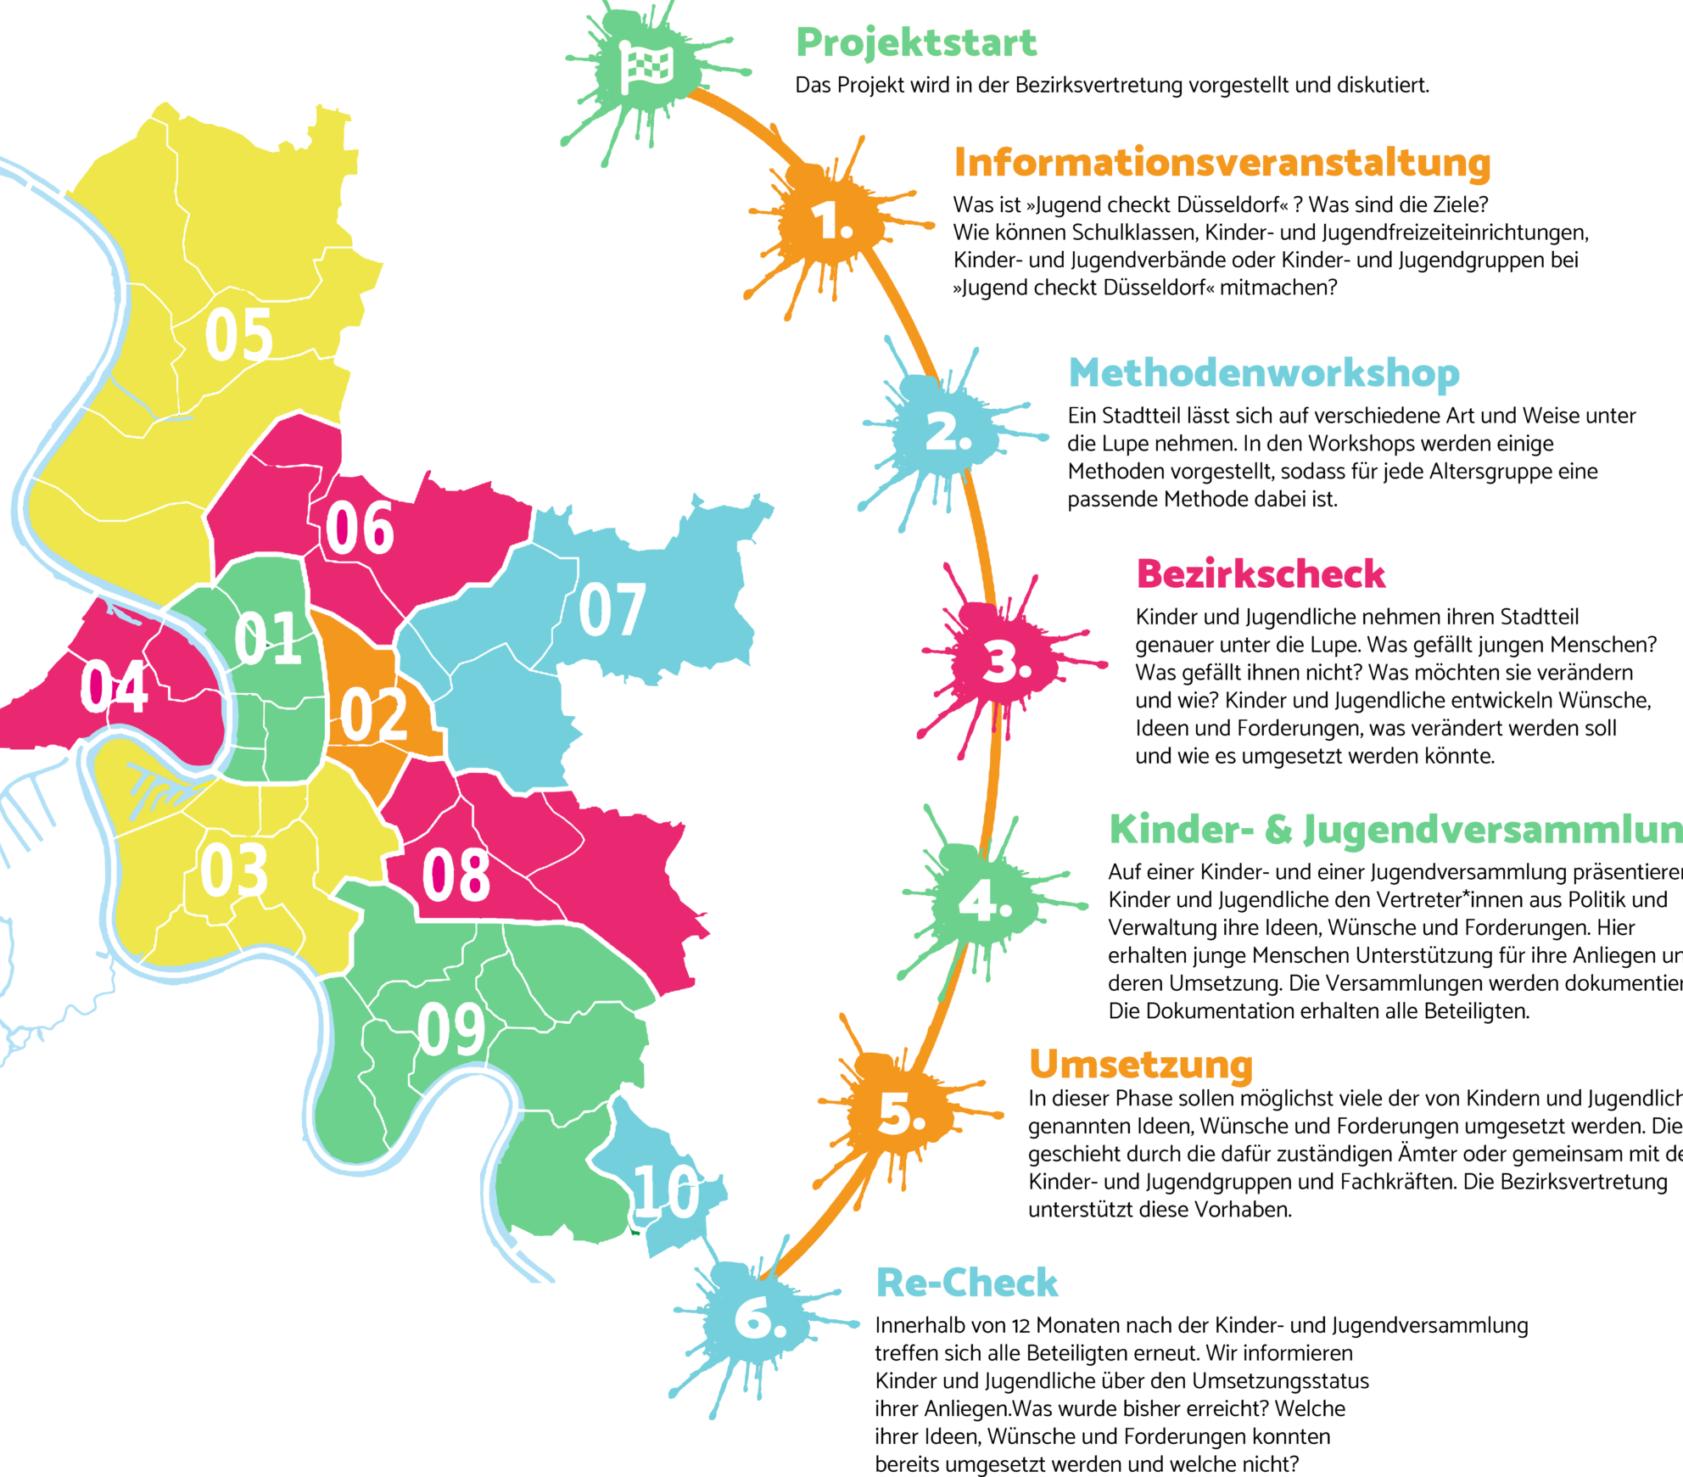 Darstellung und Beschreibung der Phasen und der Düsseldorfer Stadtbezirke